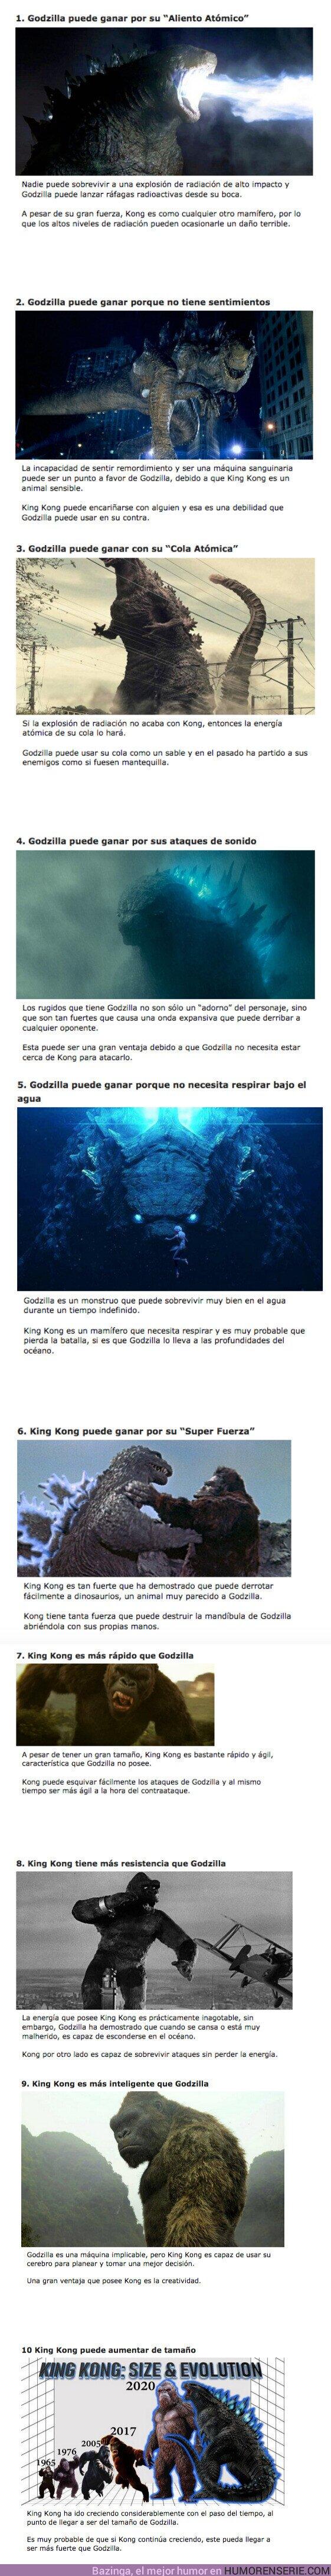 66150 - GALERÍA: 10 motivos por los que Godzilla derrotará a King Kong y viceversa